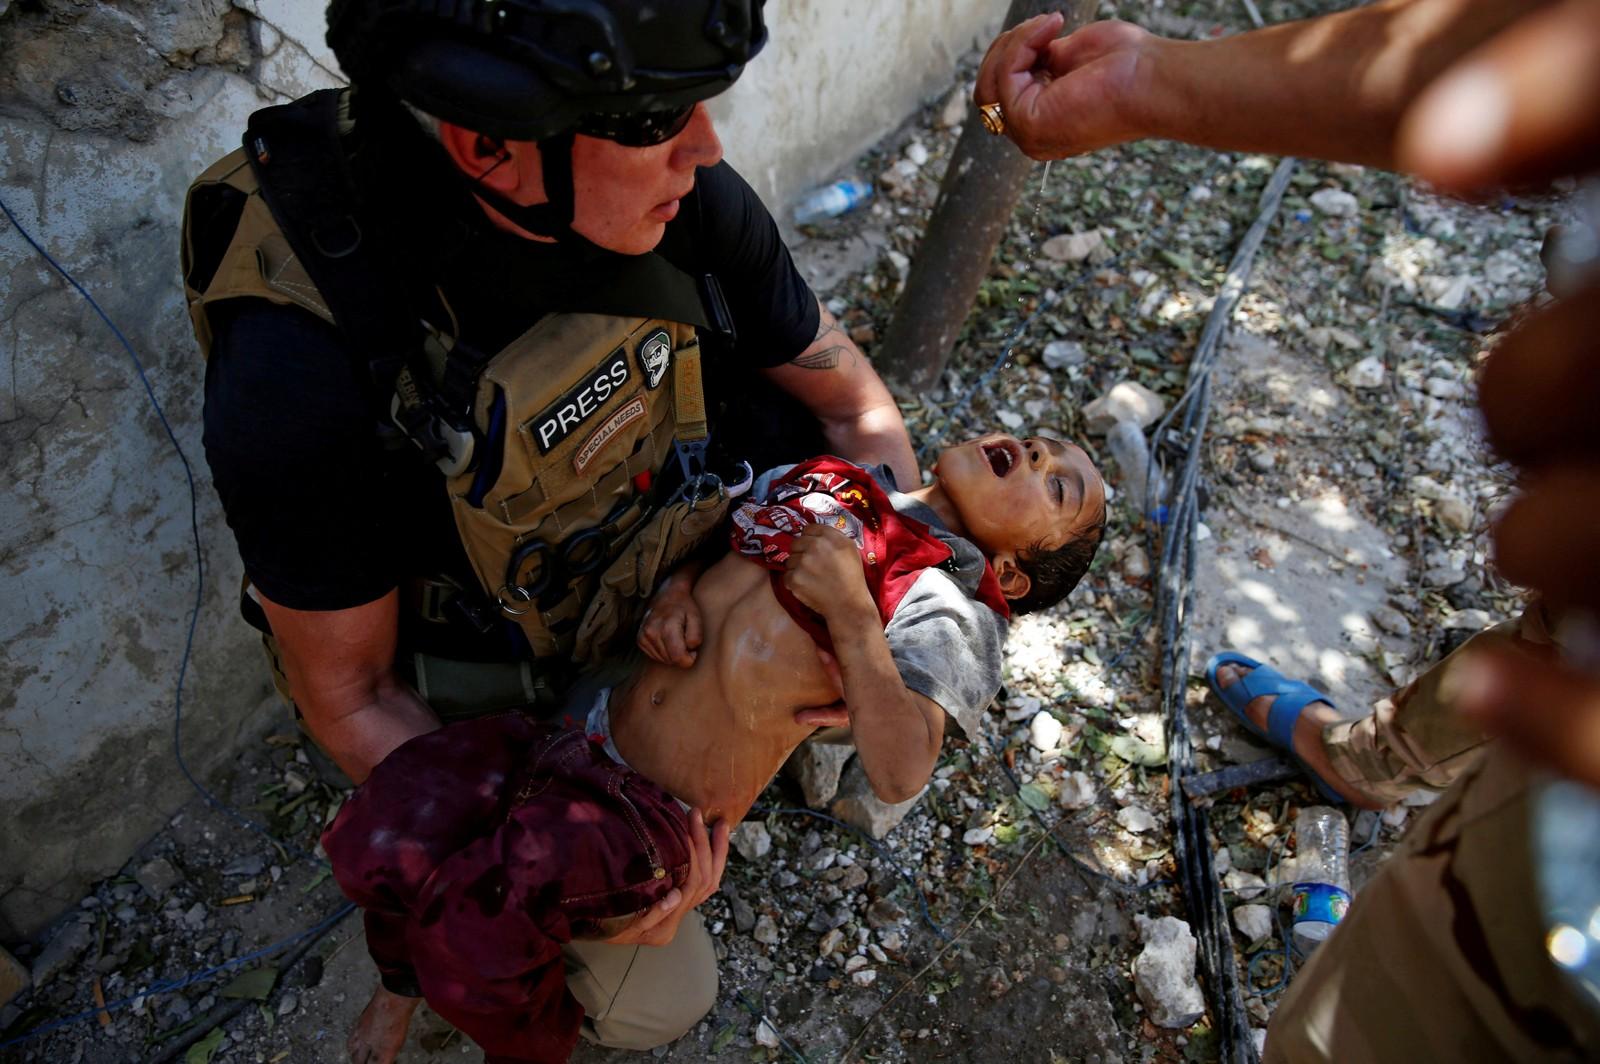 Et barn får i seg noen dyrebare dråper vann etter å ha blitt redda fra kampene i Mosul fra irakiske styrker.